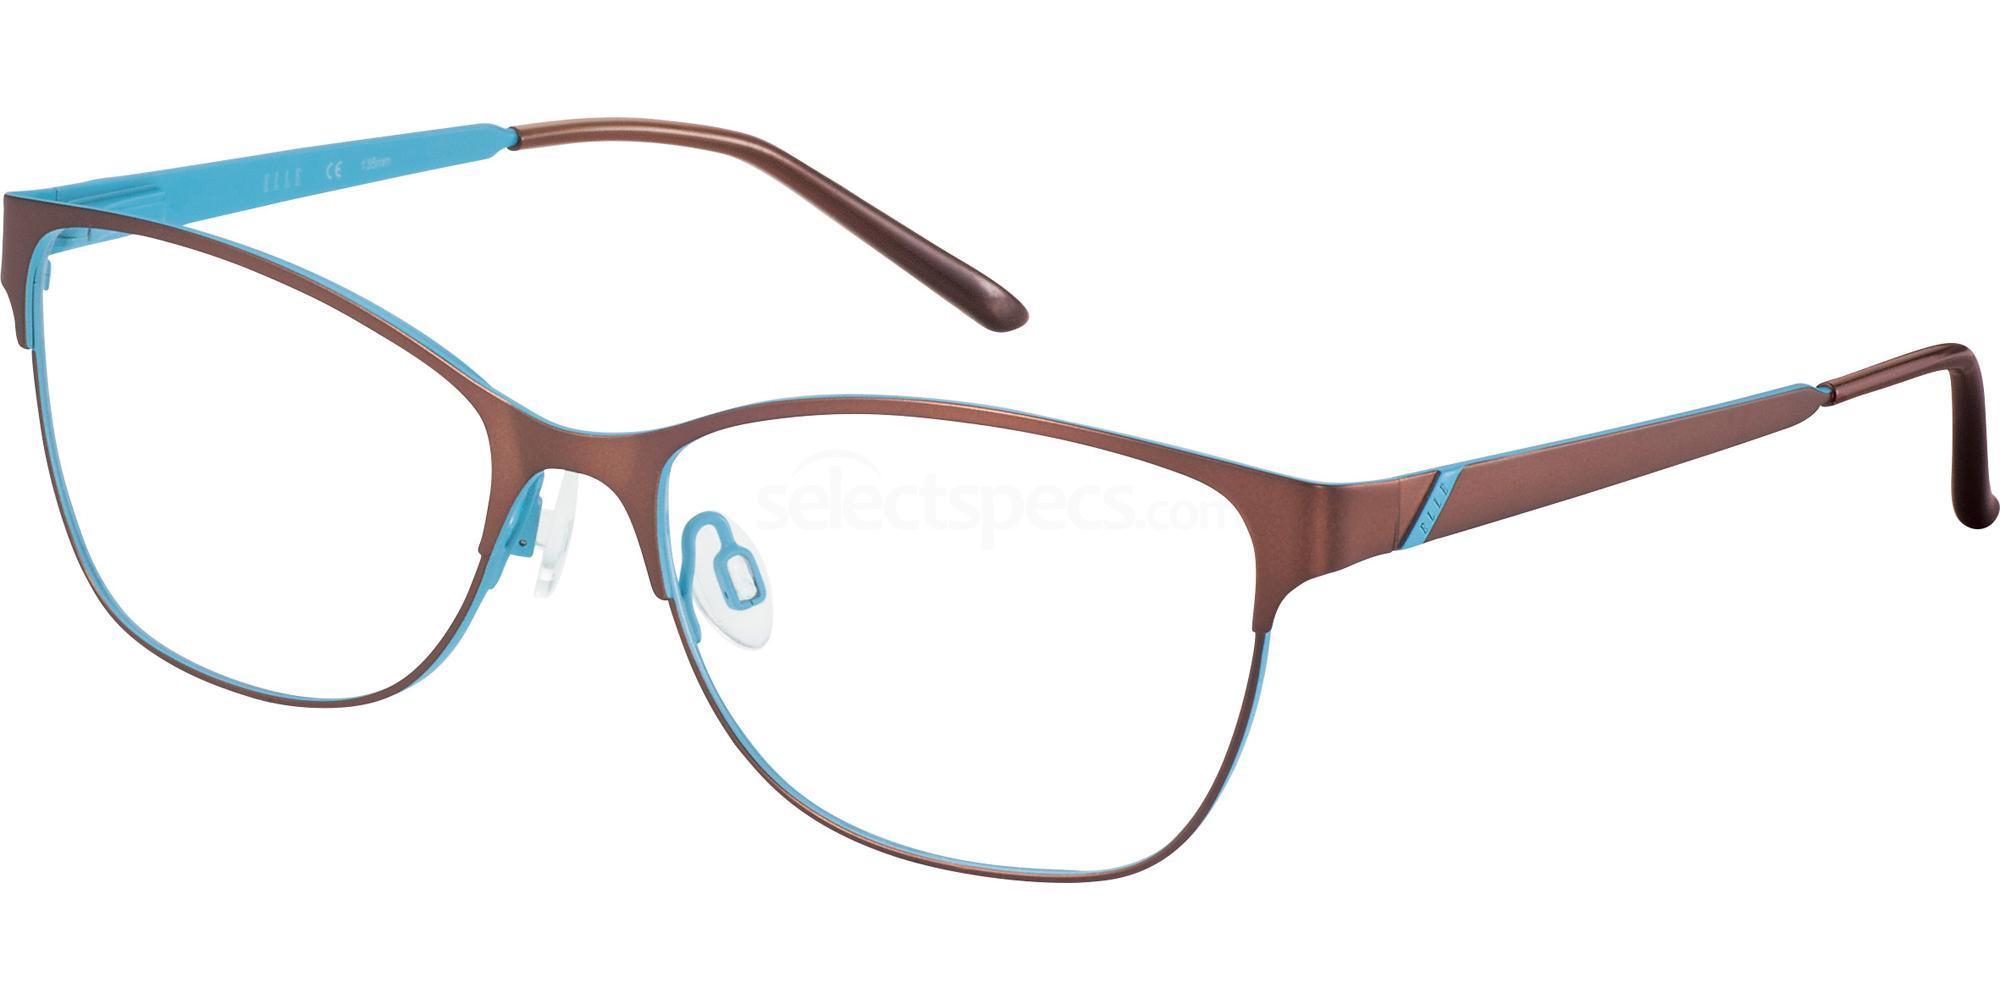 BR EL13407 Glasses, ELLE